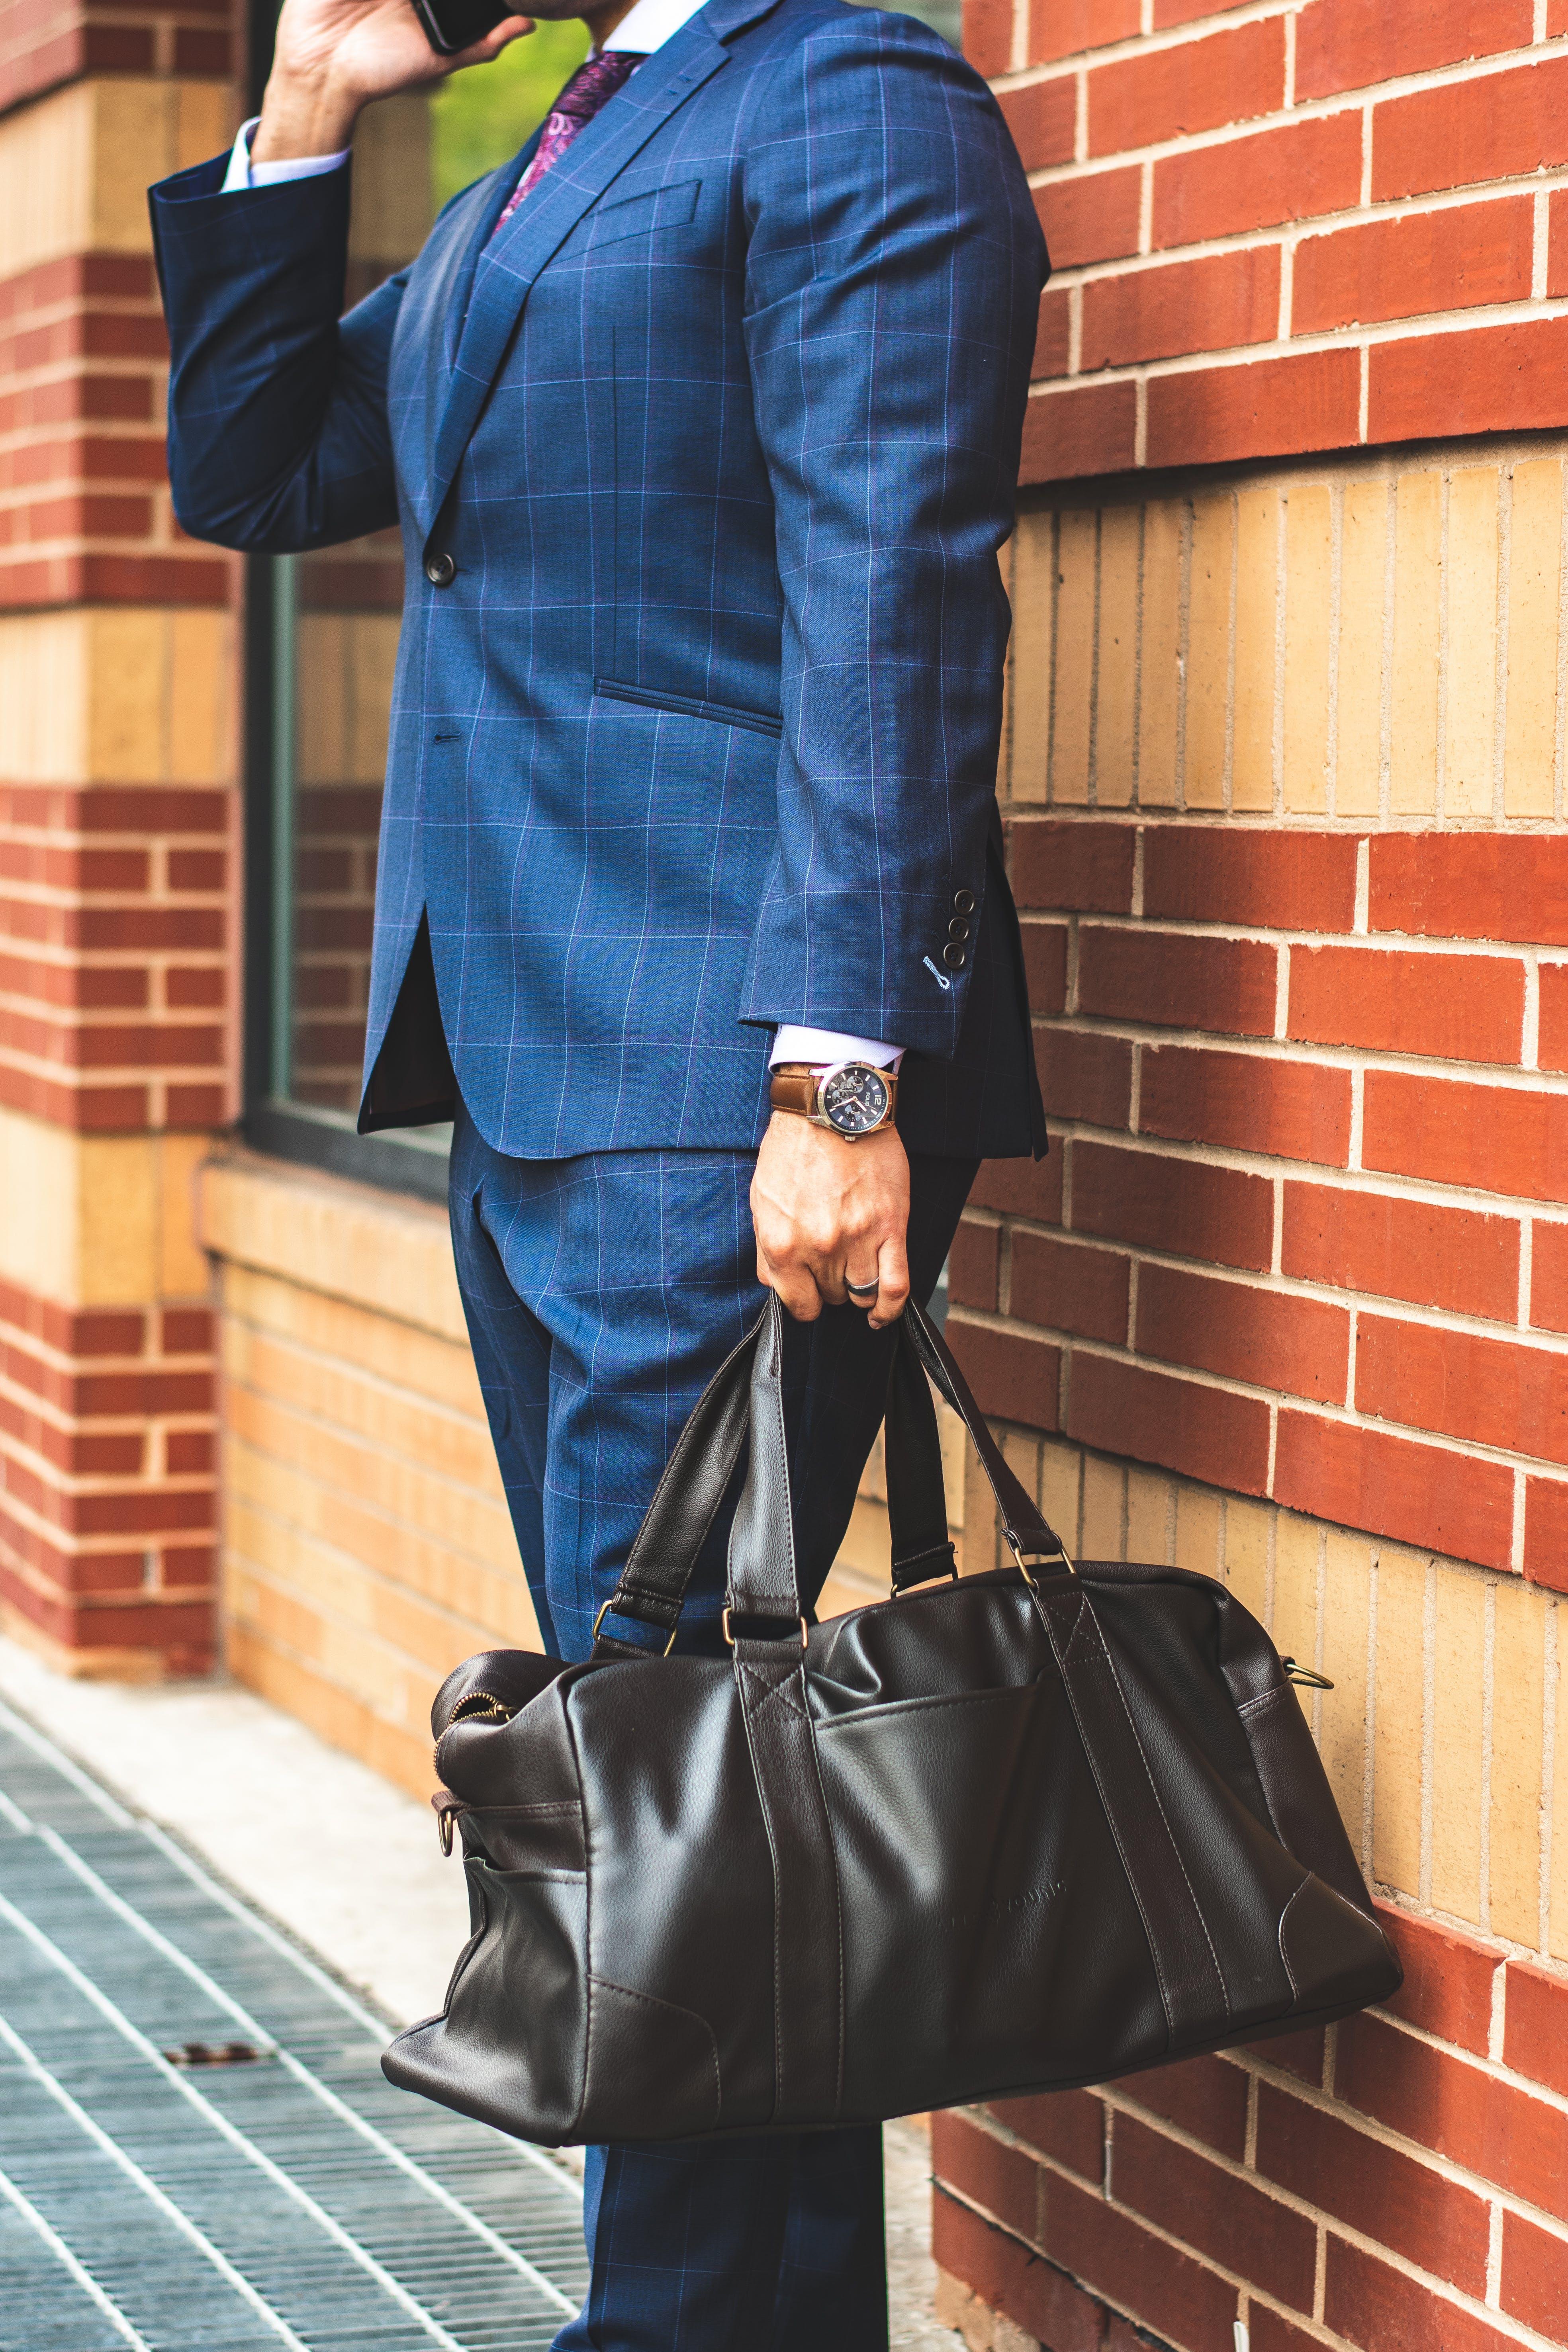 Immagine gratuita di abbigliamento aziendale, abito, aziendale, bagagli